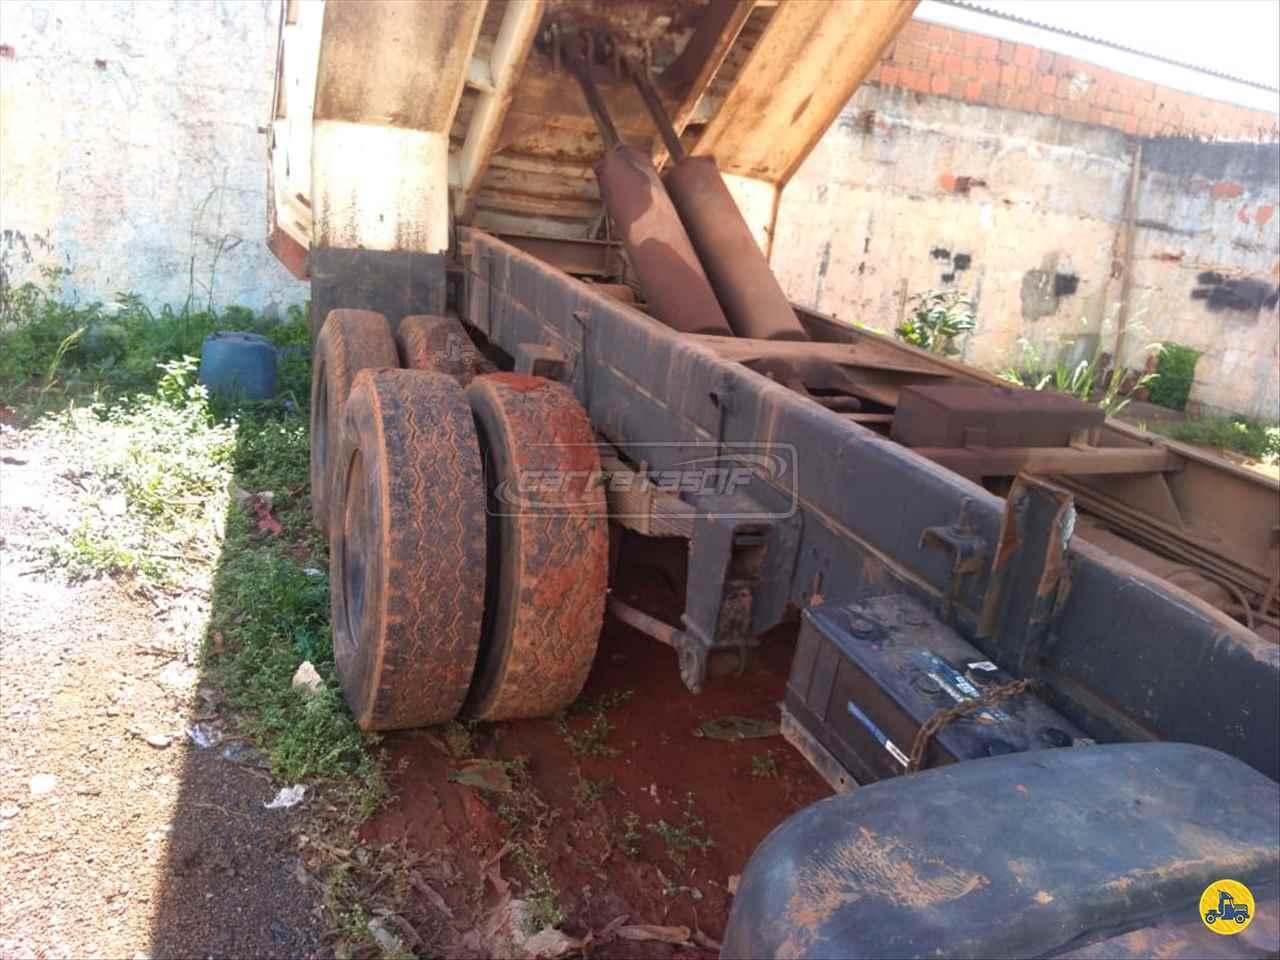 FORD CARGO 1317 1km 1986/1986 Caminhões e Carretas DF - NOMA